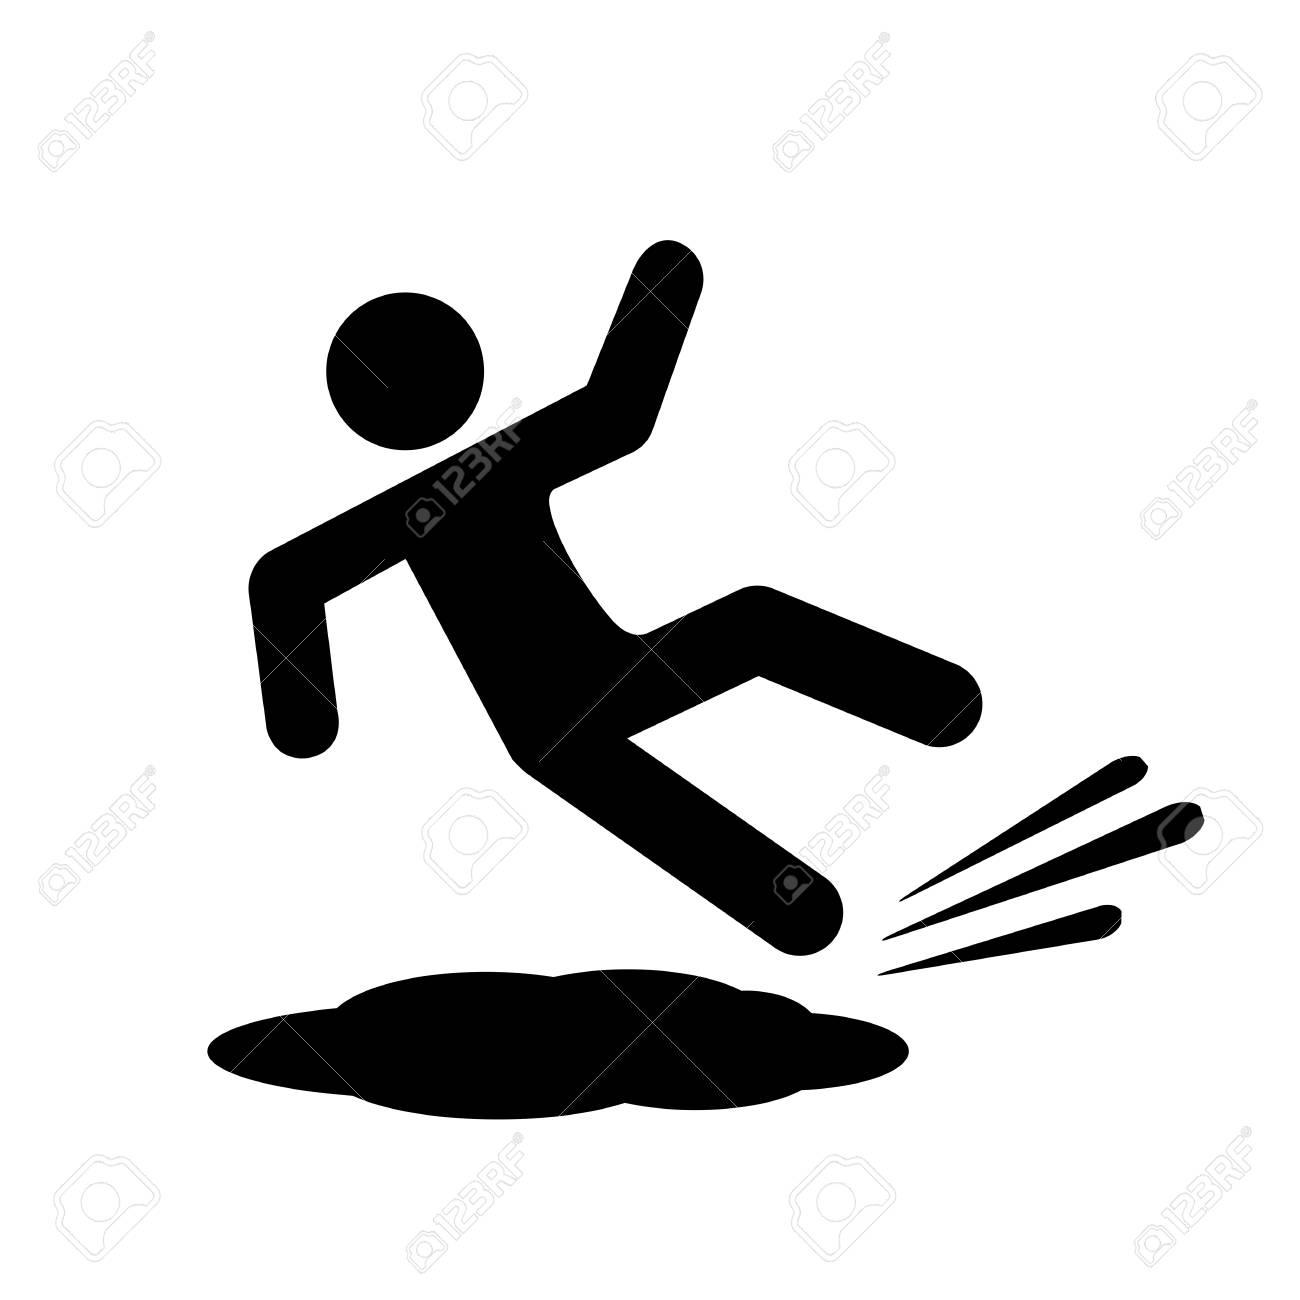 Slippery floor vector icon - 90793128